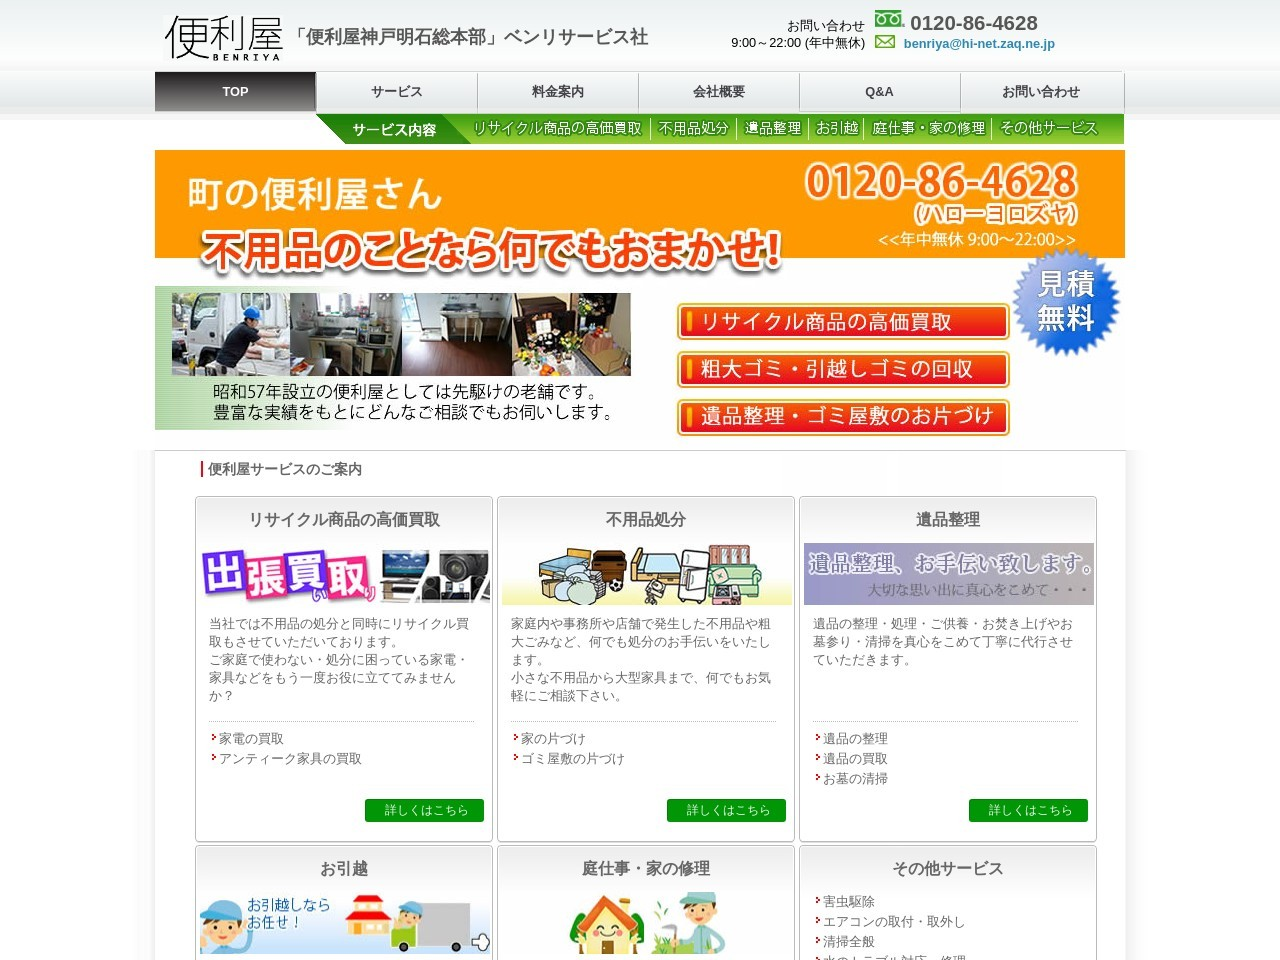 アカシサービス便利屋神戸明石総本部